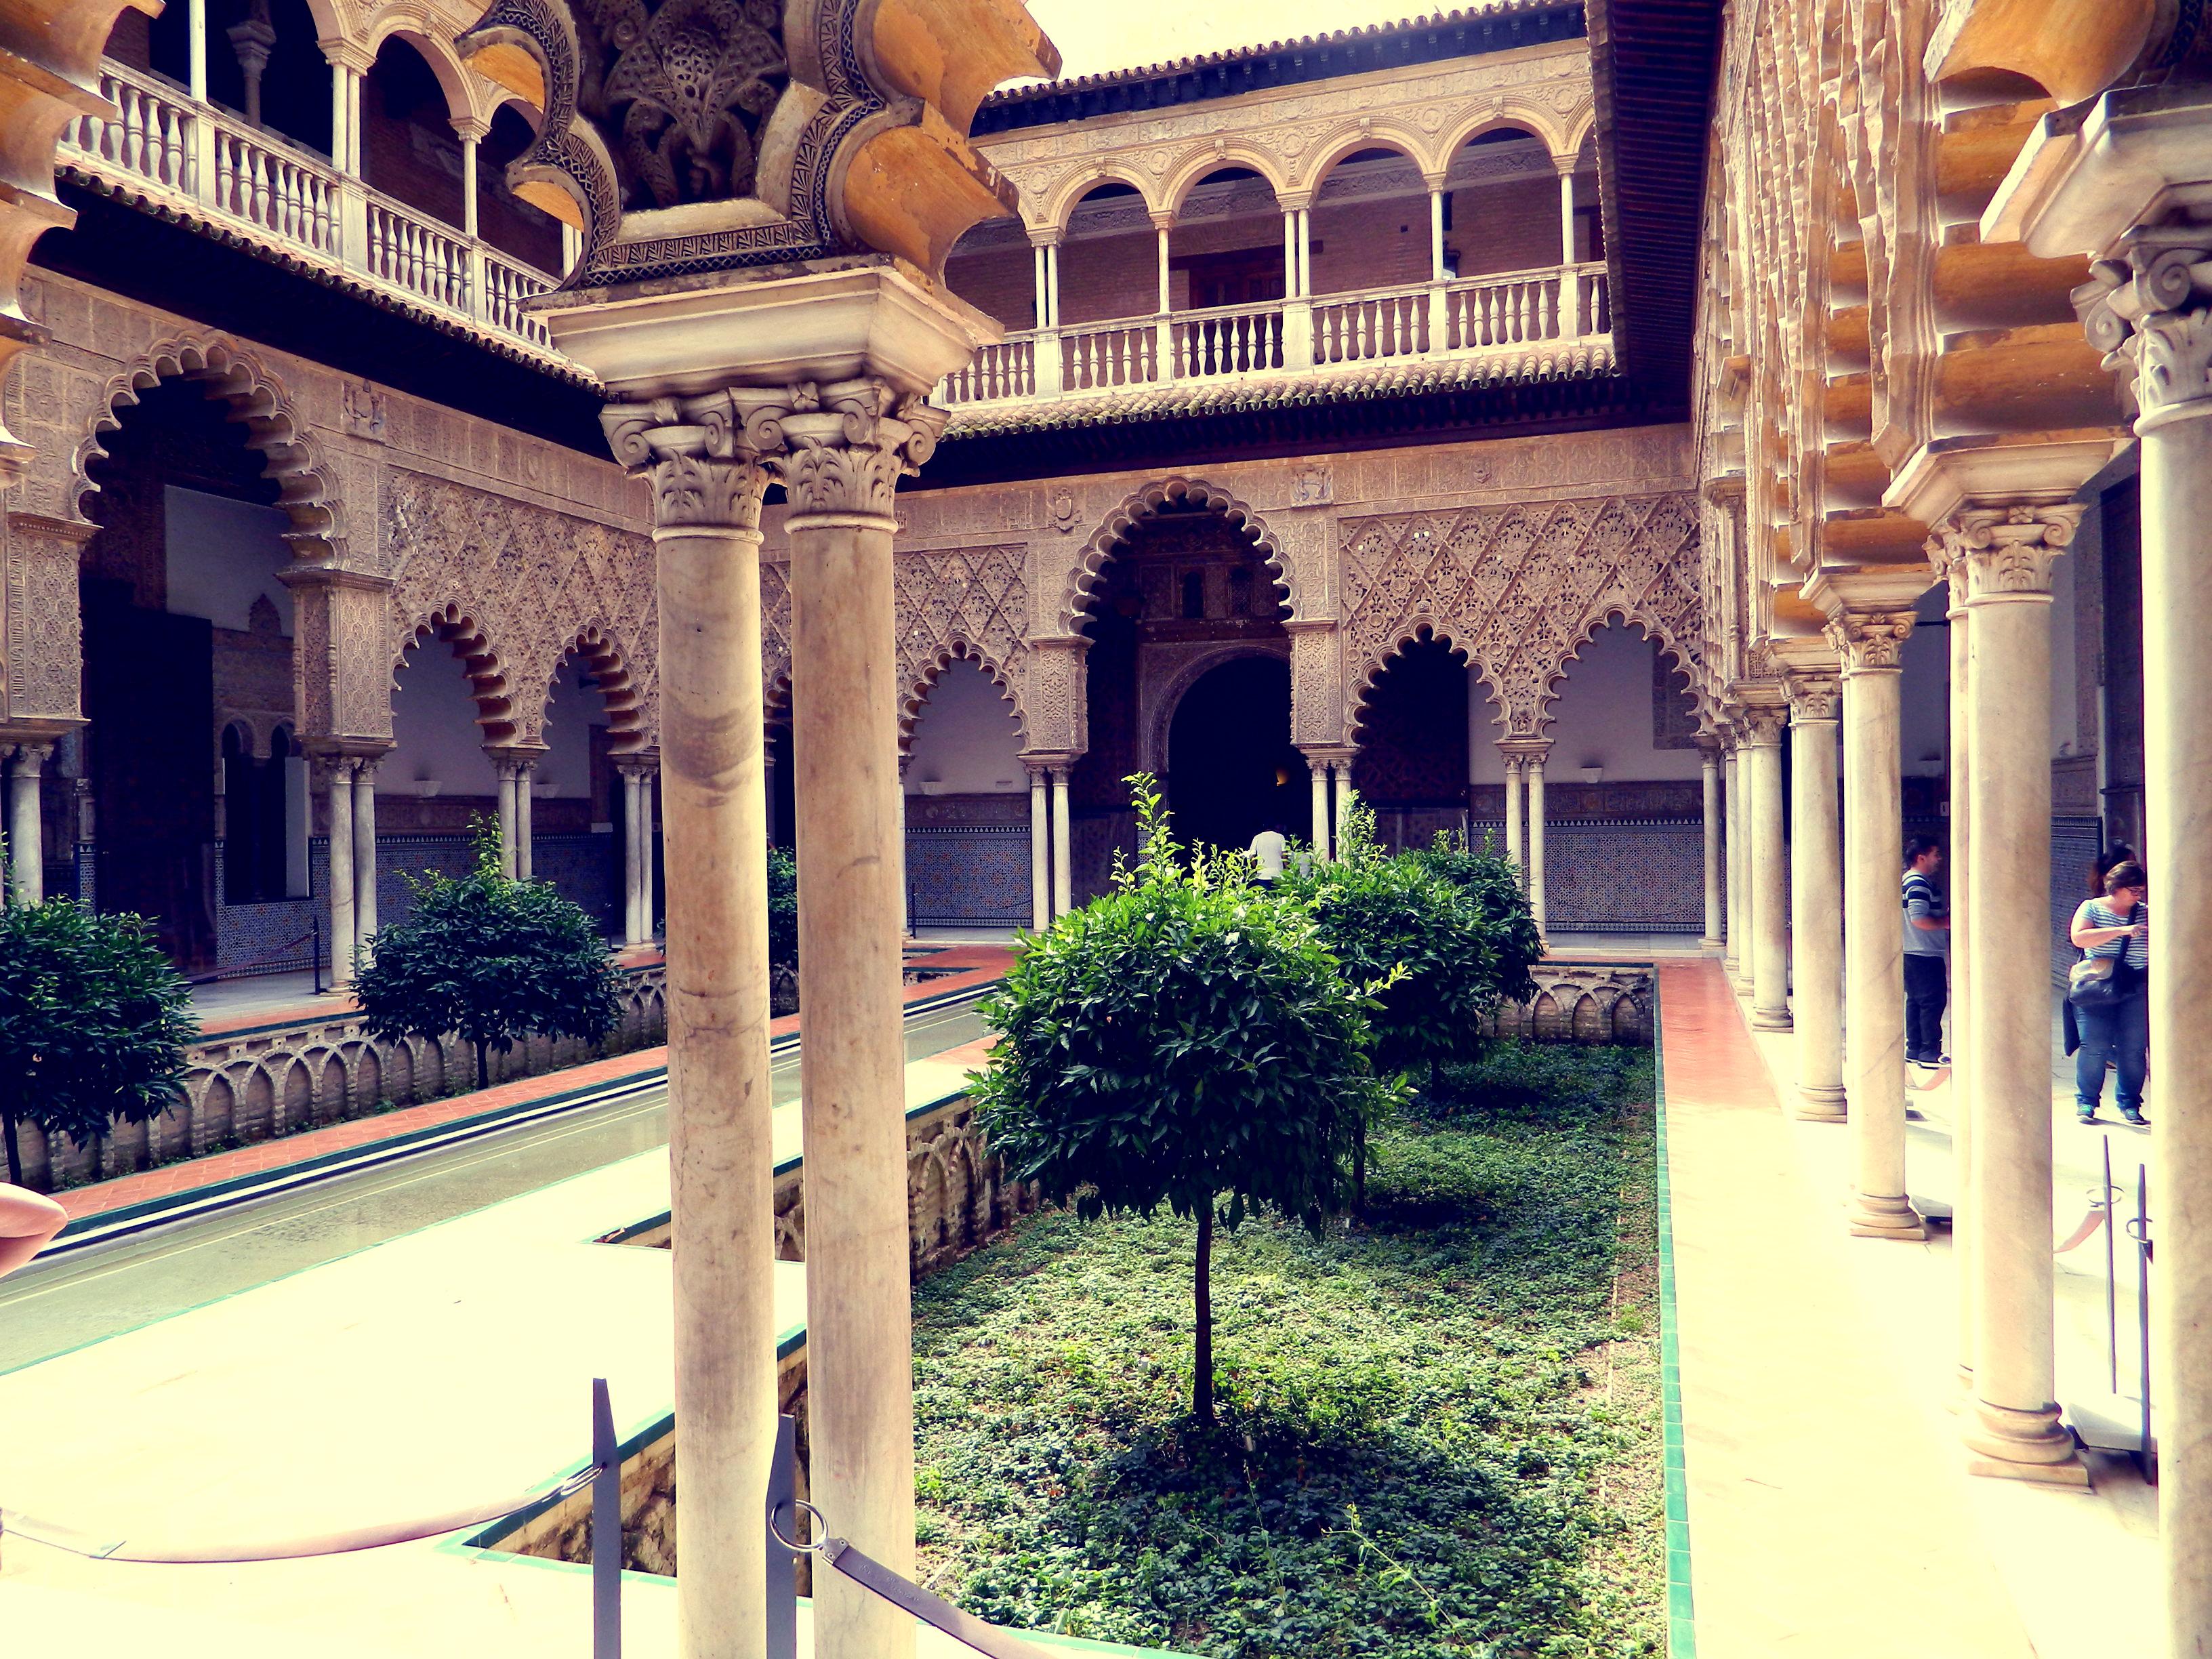 Wnętrza Pałacu Alcazar